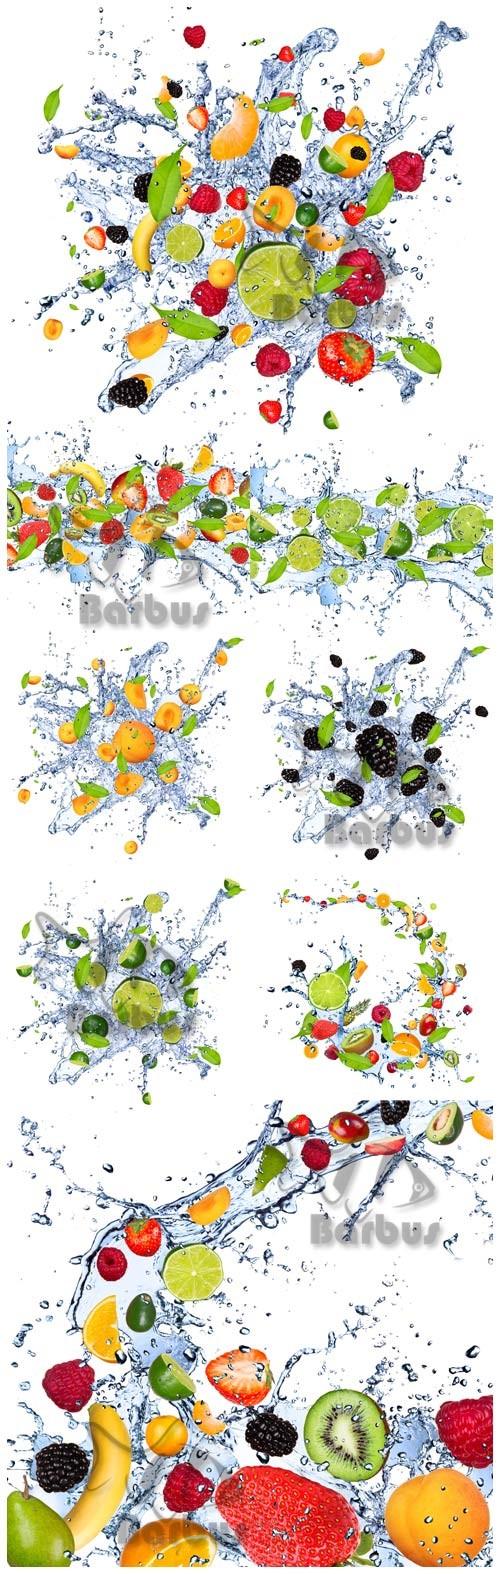 Fruit explosion / Фруктовый взрыв